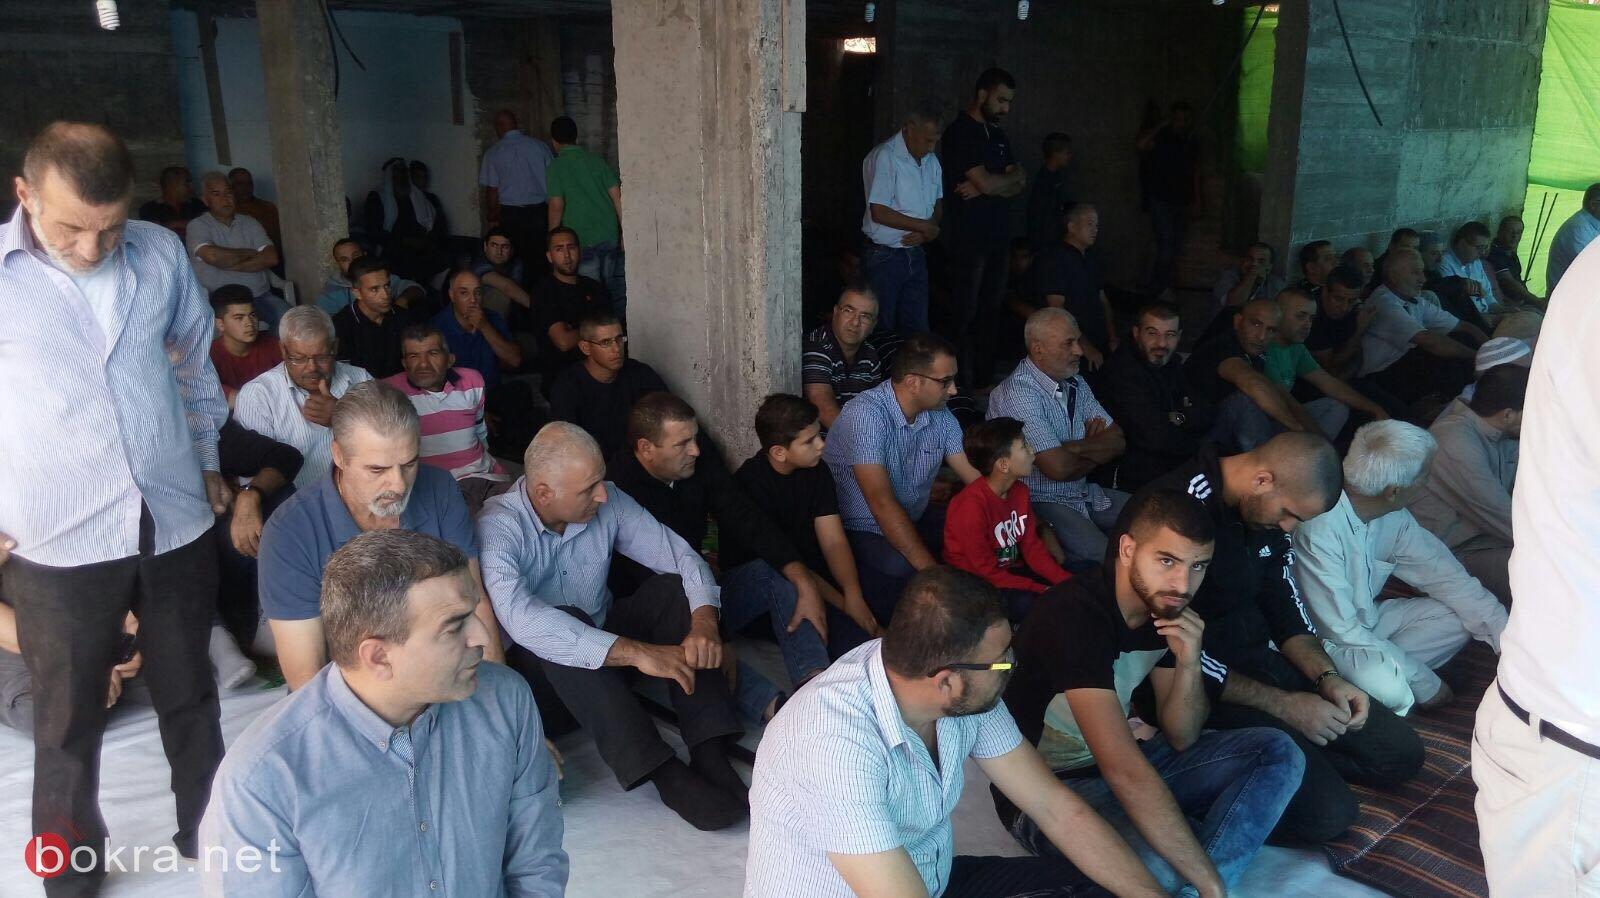 المحامي رامي جزماوي لـبكرا: على اهالي عرعرة وعارة الوقوف صفّا واحداً